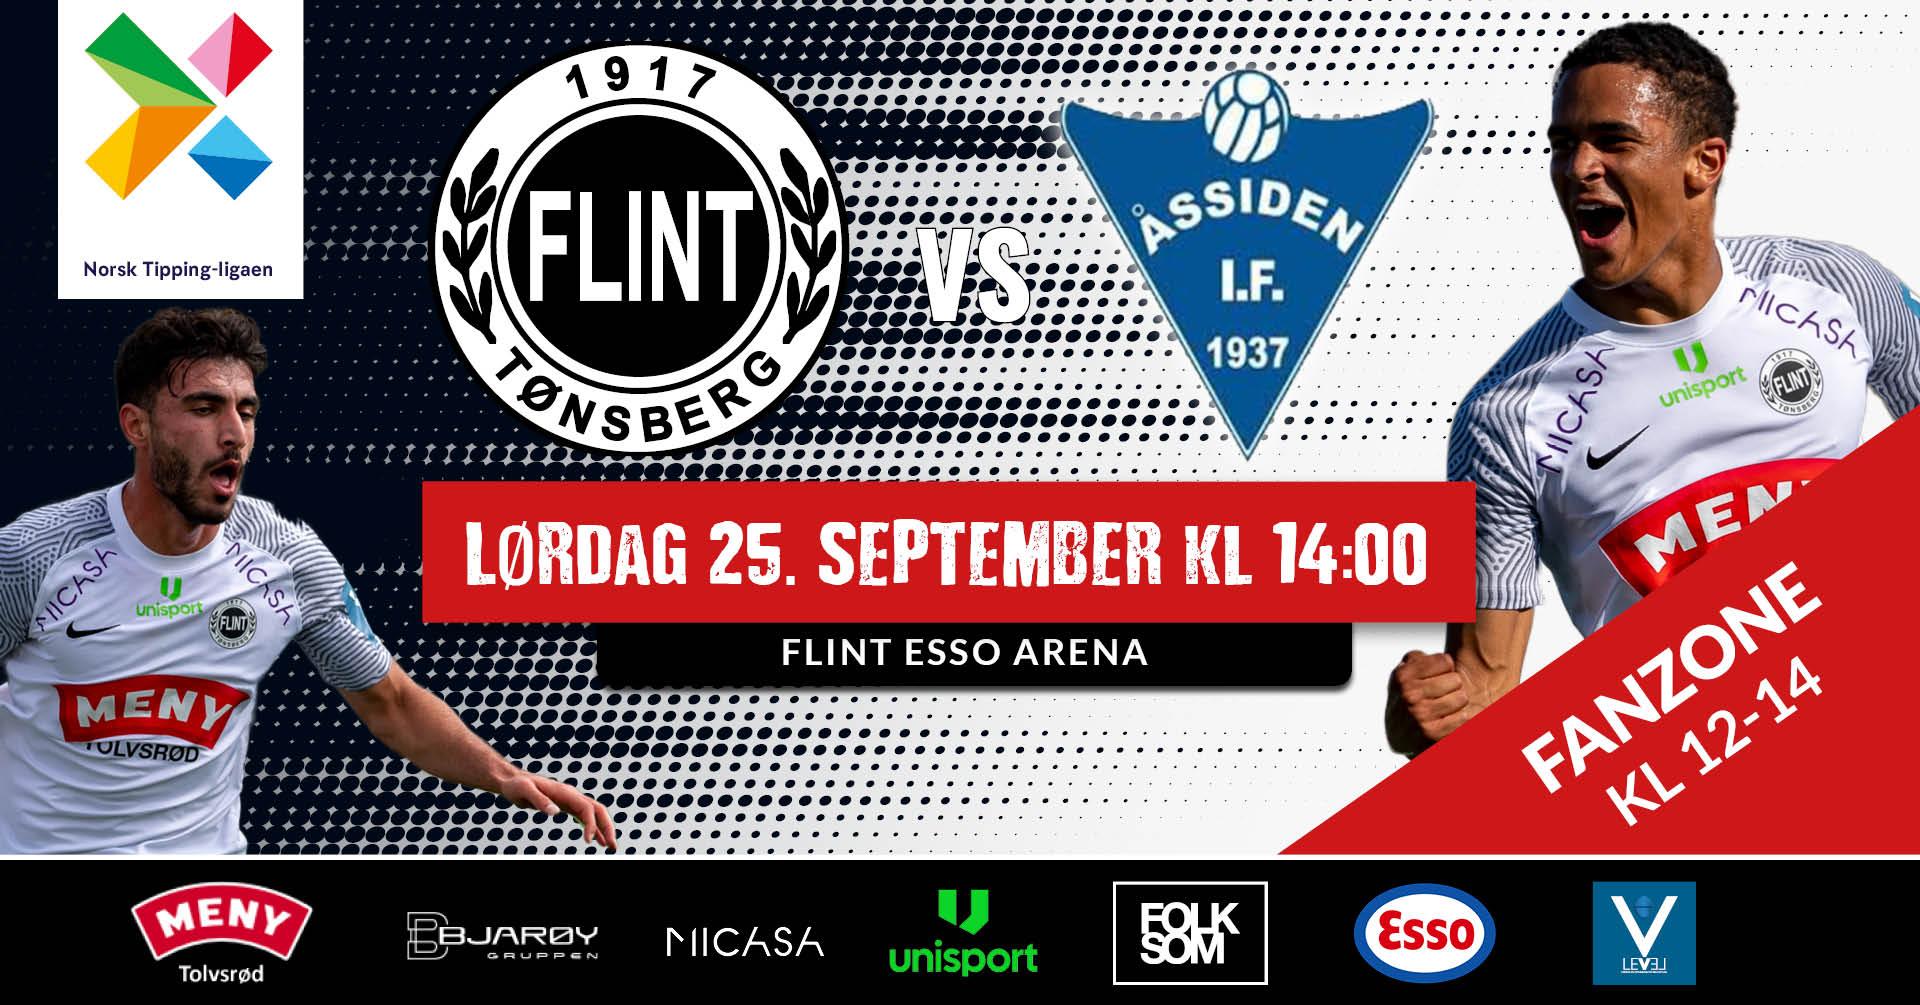 https://www.flintfotball.no/wp-content/uploads/2021/09/FB-Event-header-Flint-Assiden-med-Fanzone.jpg